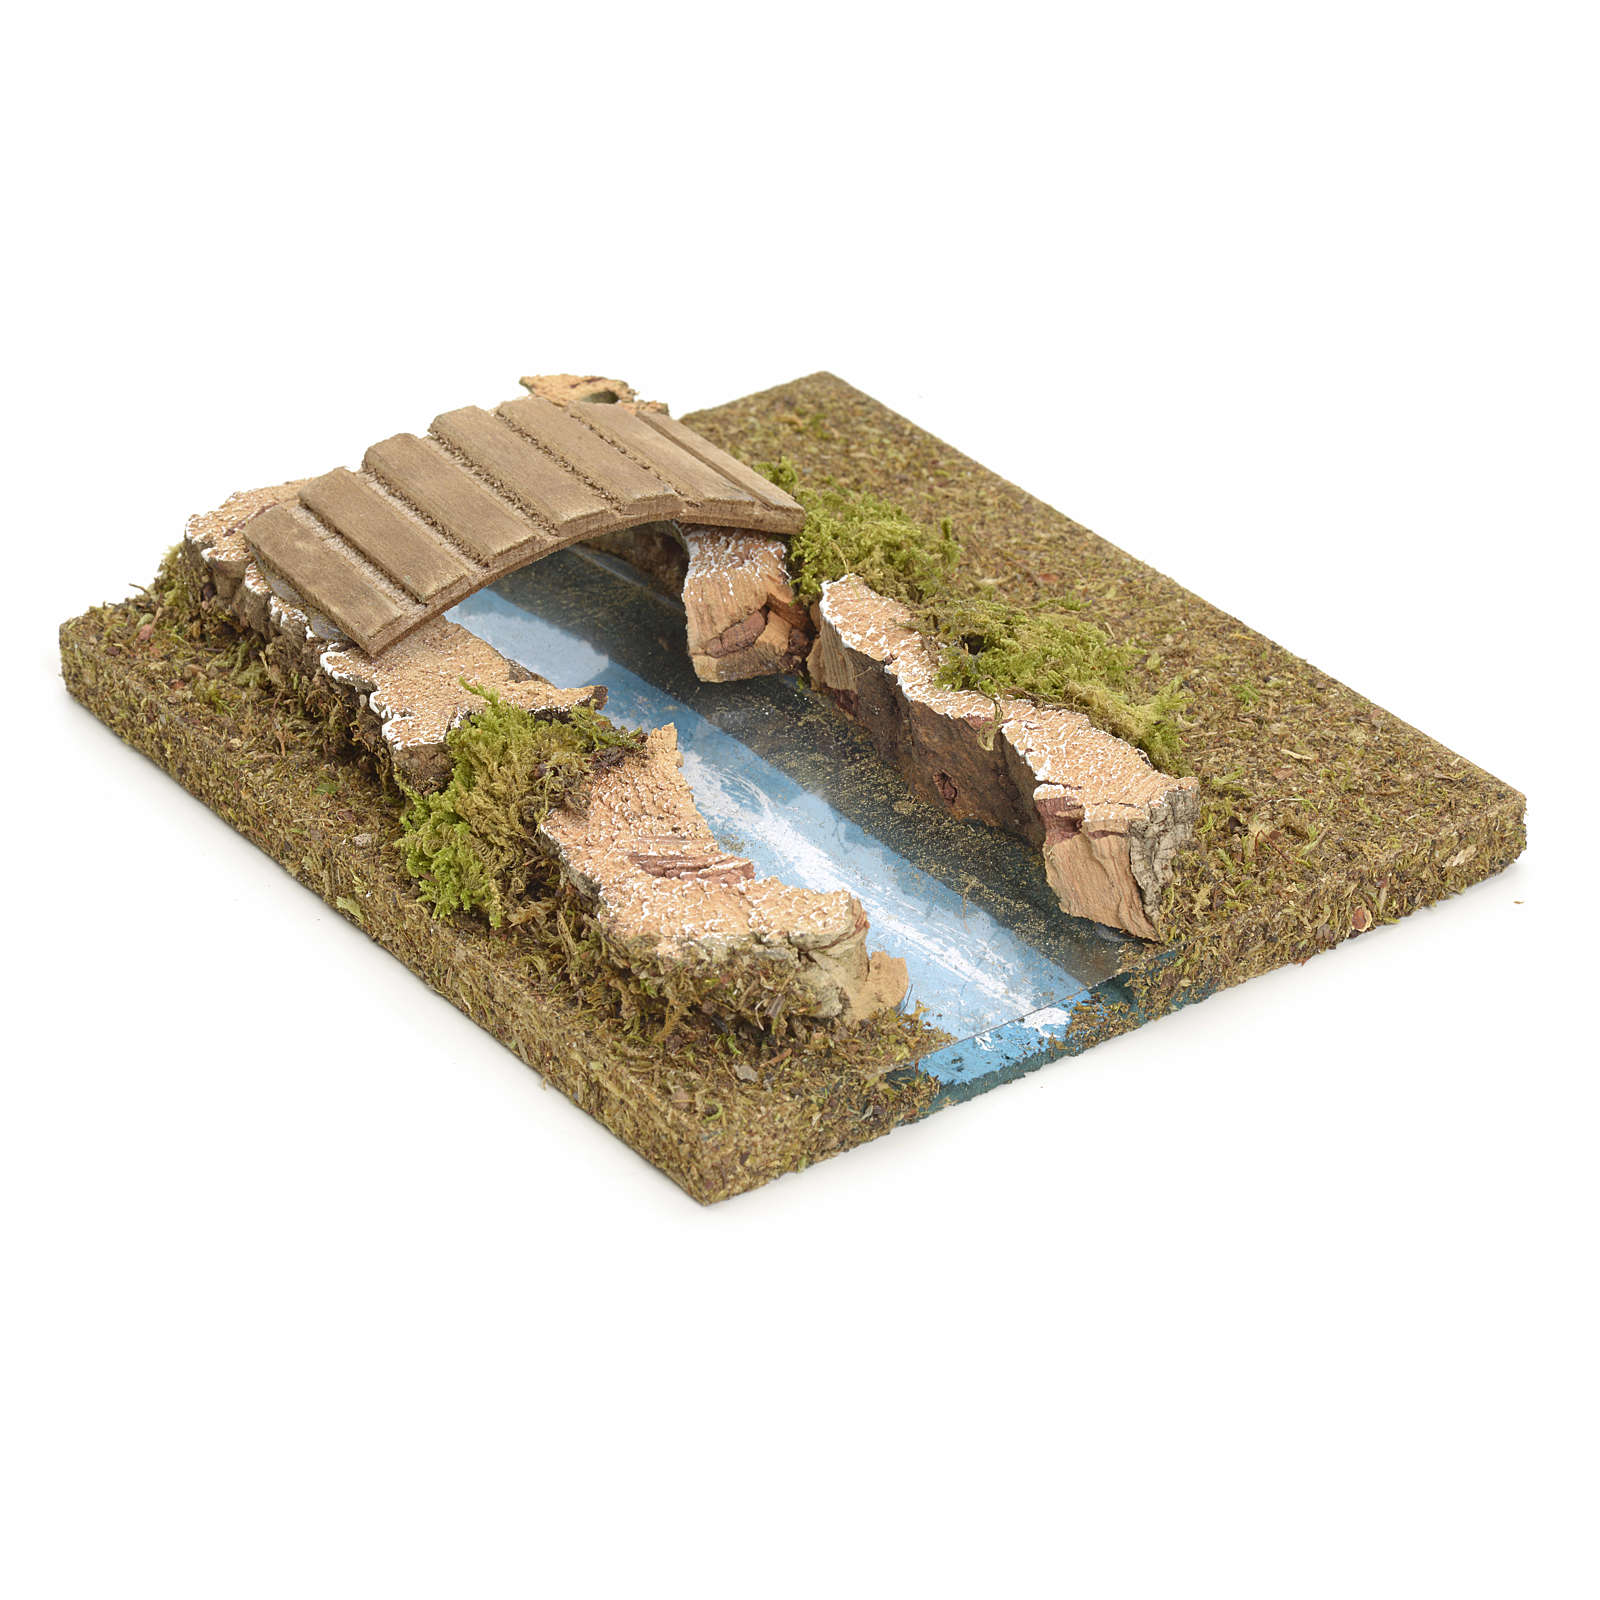 Bras de rivière avec petit pont pour crèche 4